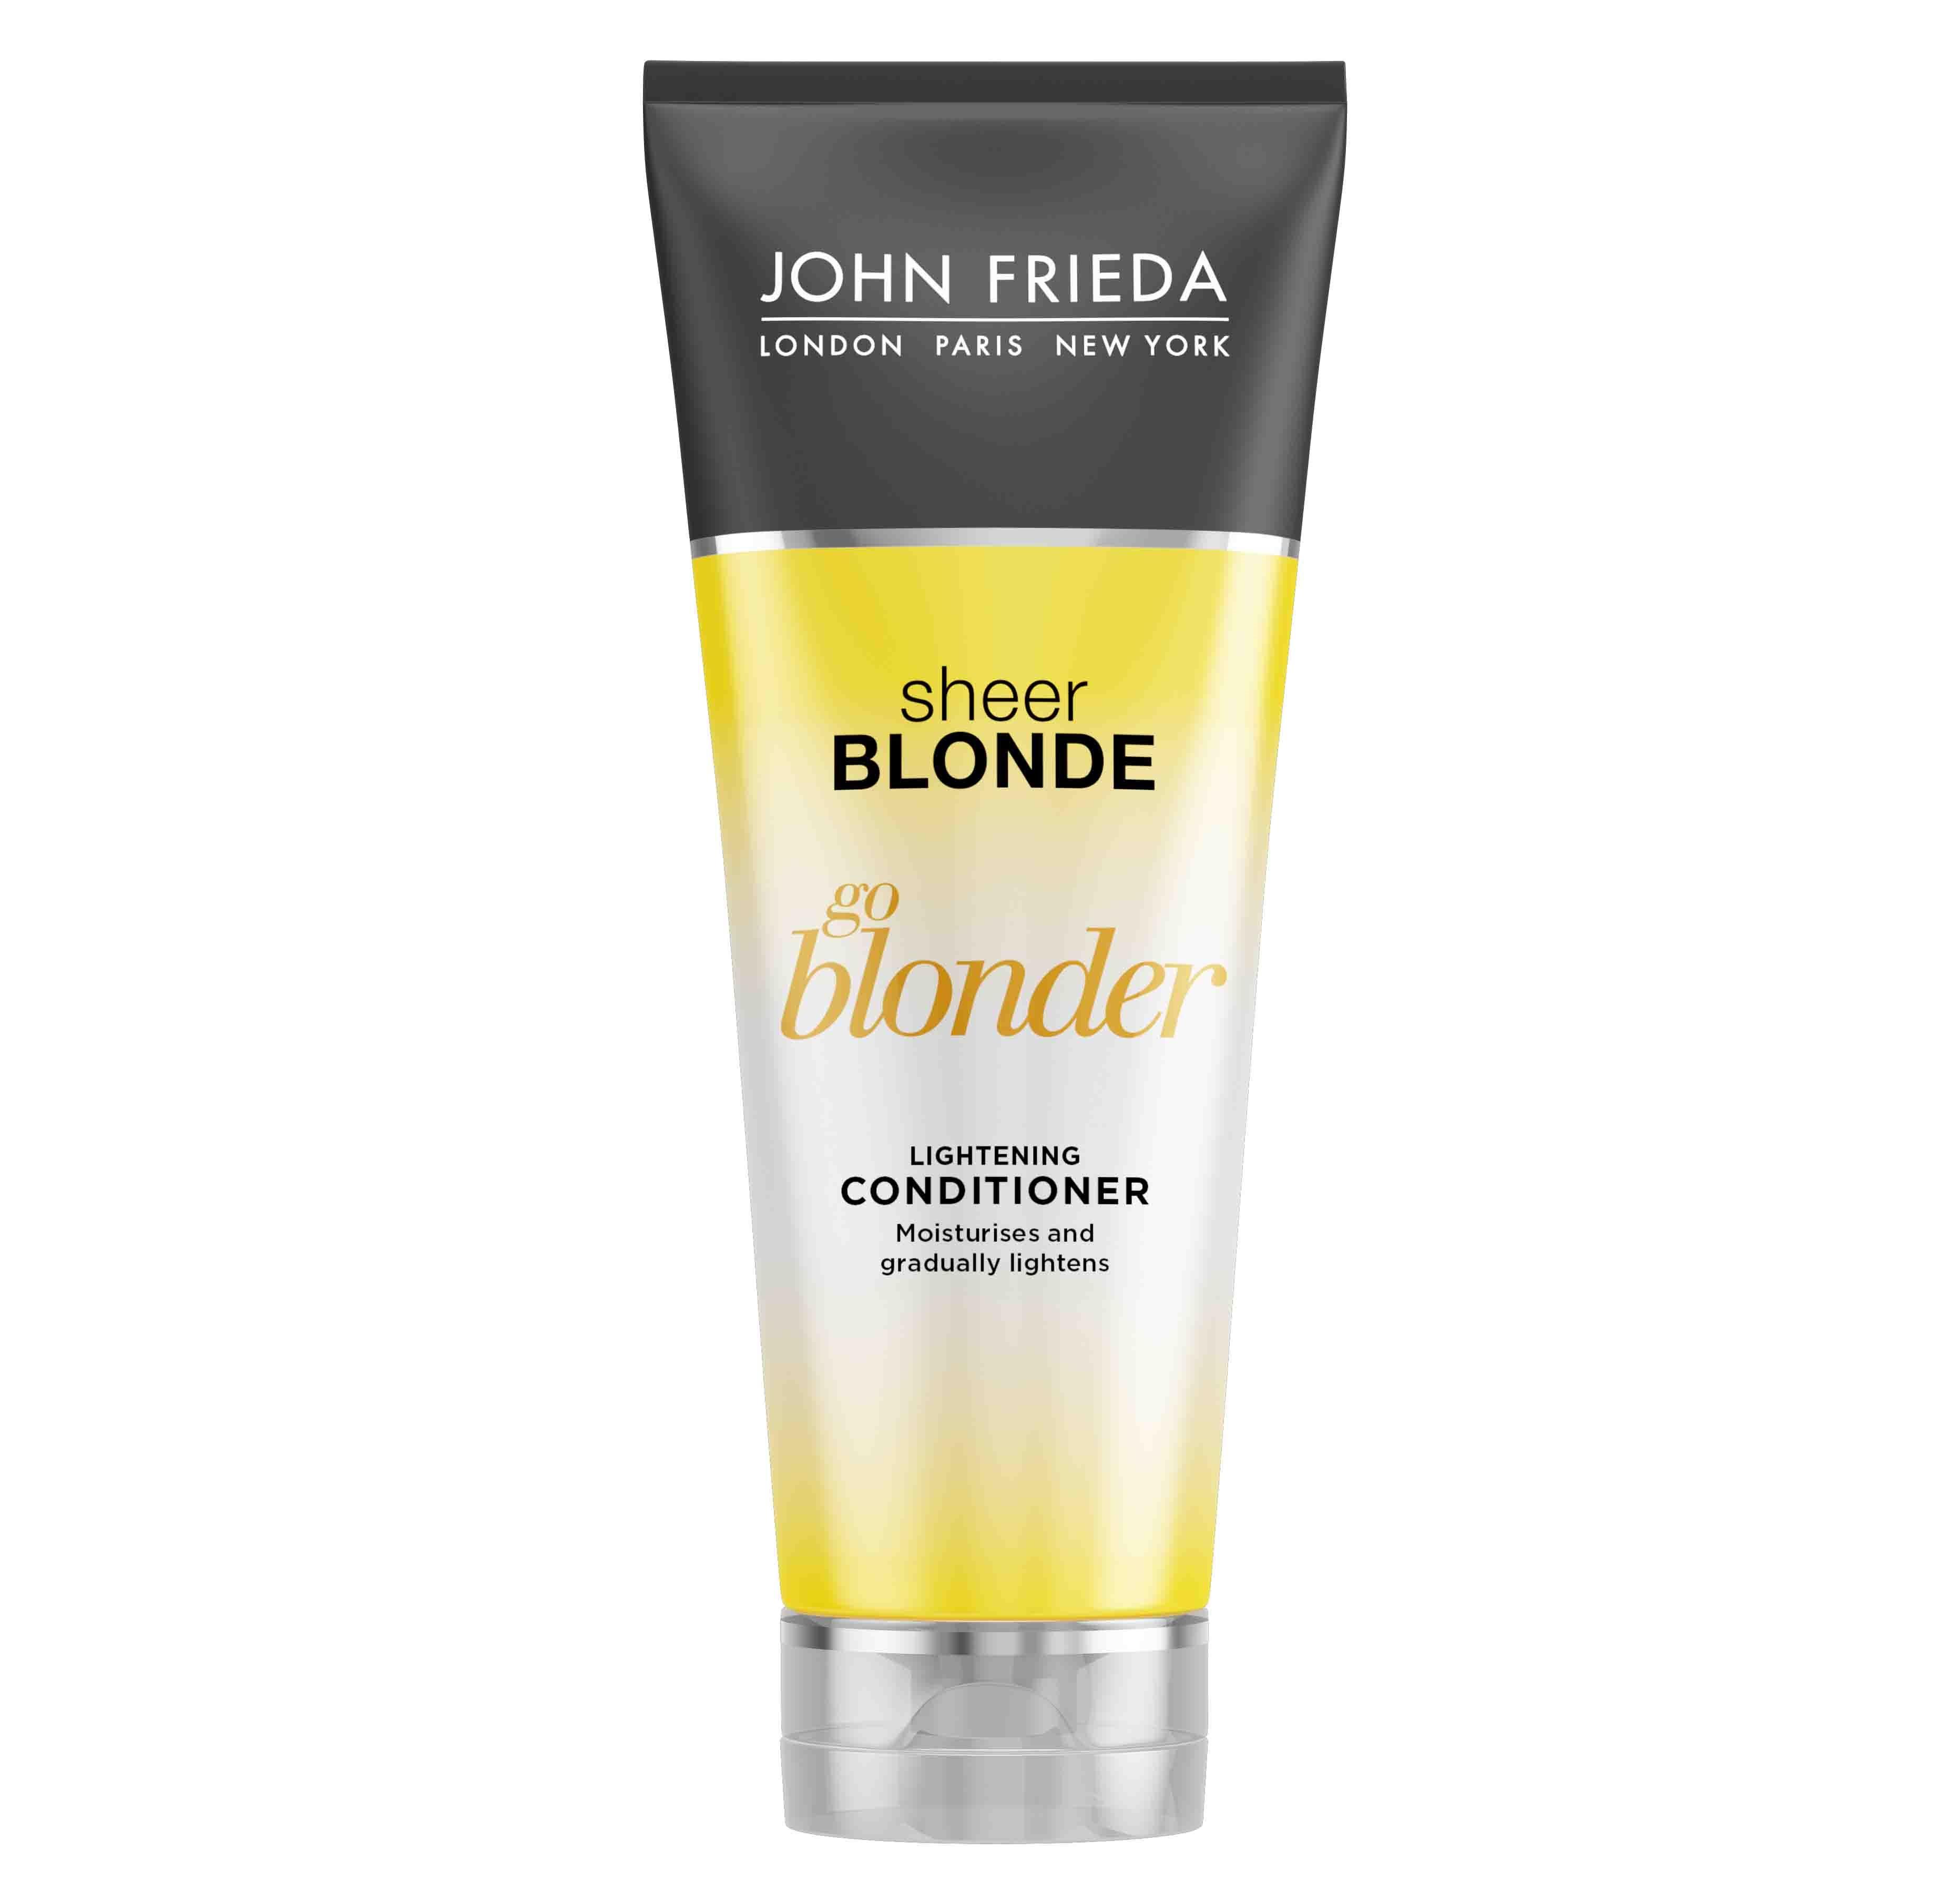 Описание наJOHN FRIEDASheer BlondeИзсветляващ Балсамза Руса Косаx250мл:   Продуктът с маркаДжон Фрида е балсамза изсветляване на русакосаот серияSheer Blonde, подходящ е за естествено руса, на кичури или боядисана коса.Формула богата на цитрус и лайка, която съдържа комплекс за изсветляванезадо два тона по-светла косата.Не съдържа амоняк и пероксид. Предлага се в удобна опаковка от 250мл.    Състав наJOHN FRIEDASheer BlondeИзсветляващ Балсамза Руса Косаx250мл: